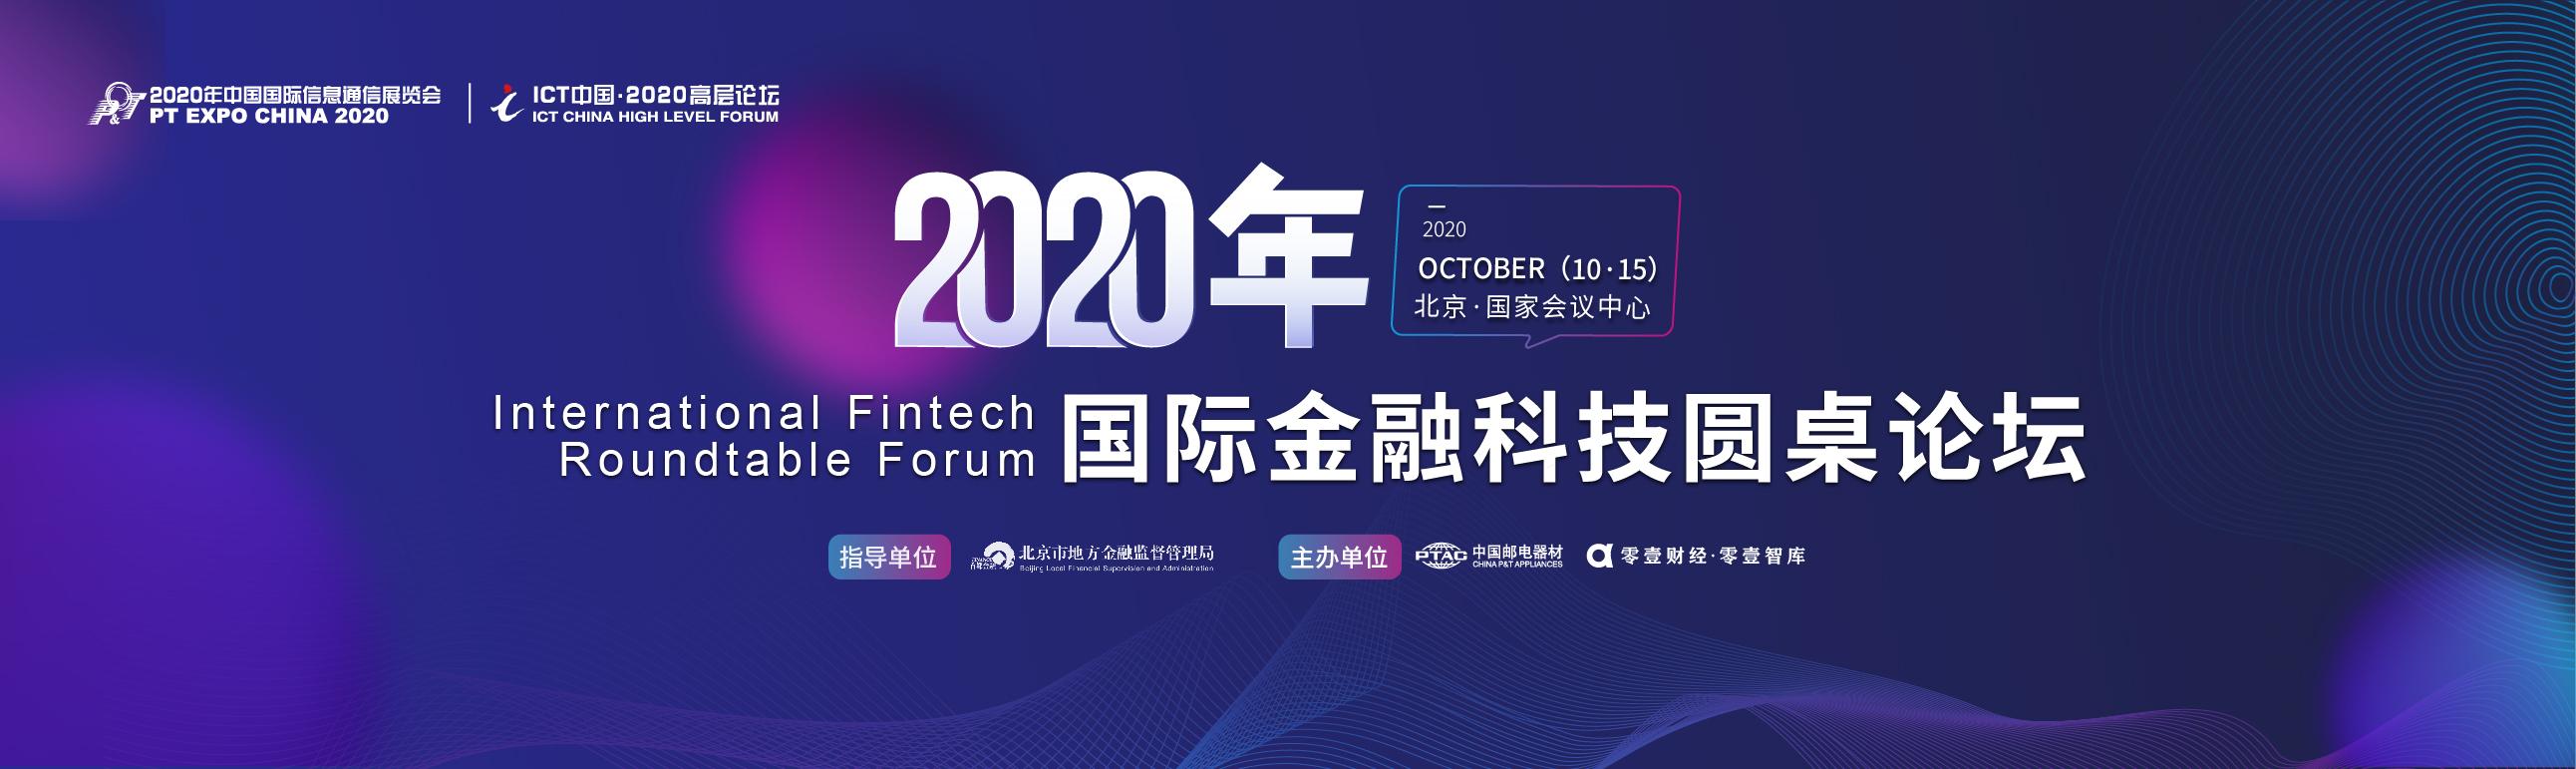 2020年国际金融科技圆桌论坛